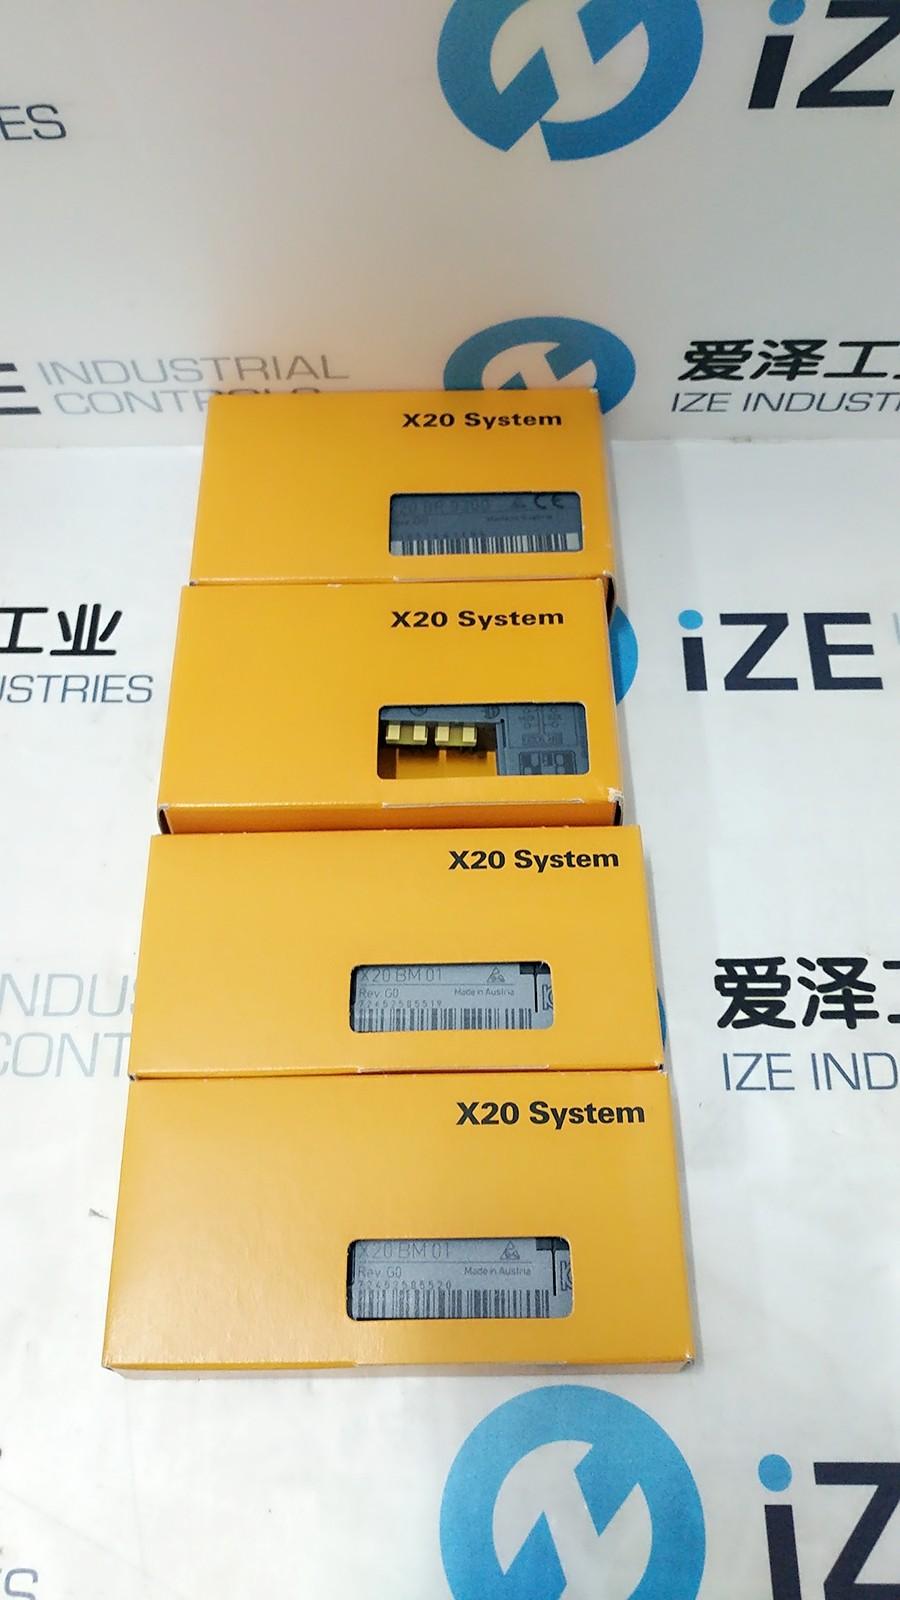 B&R X20BR9300 X20BM01 爱泽工业 izeindustries 发货照片 (9).jpg